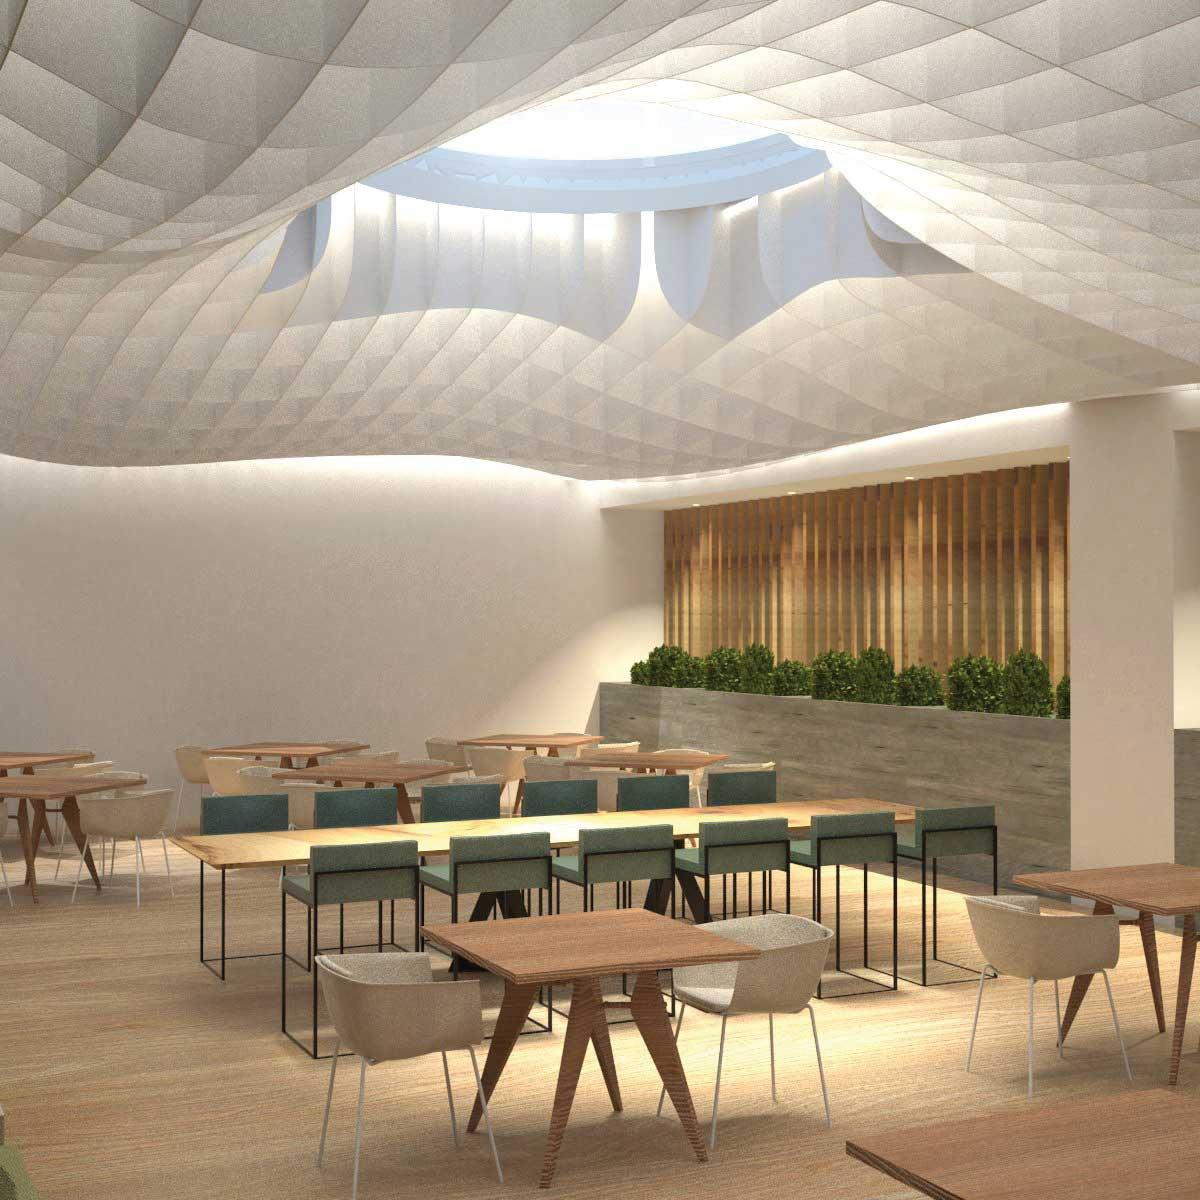 Interoir Design: Interior Design BFA - San Francisco